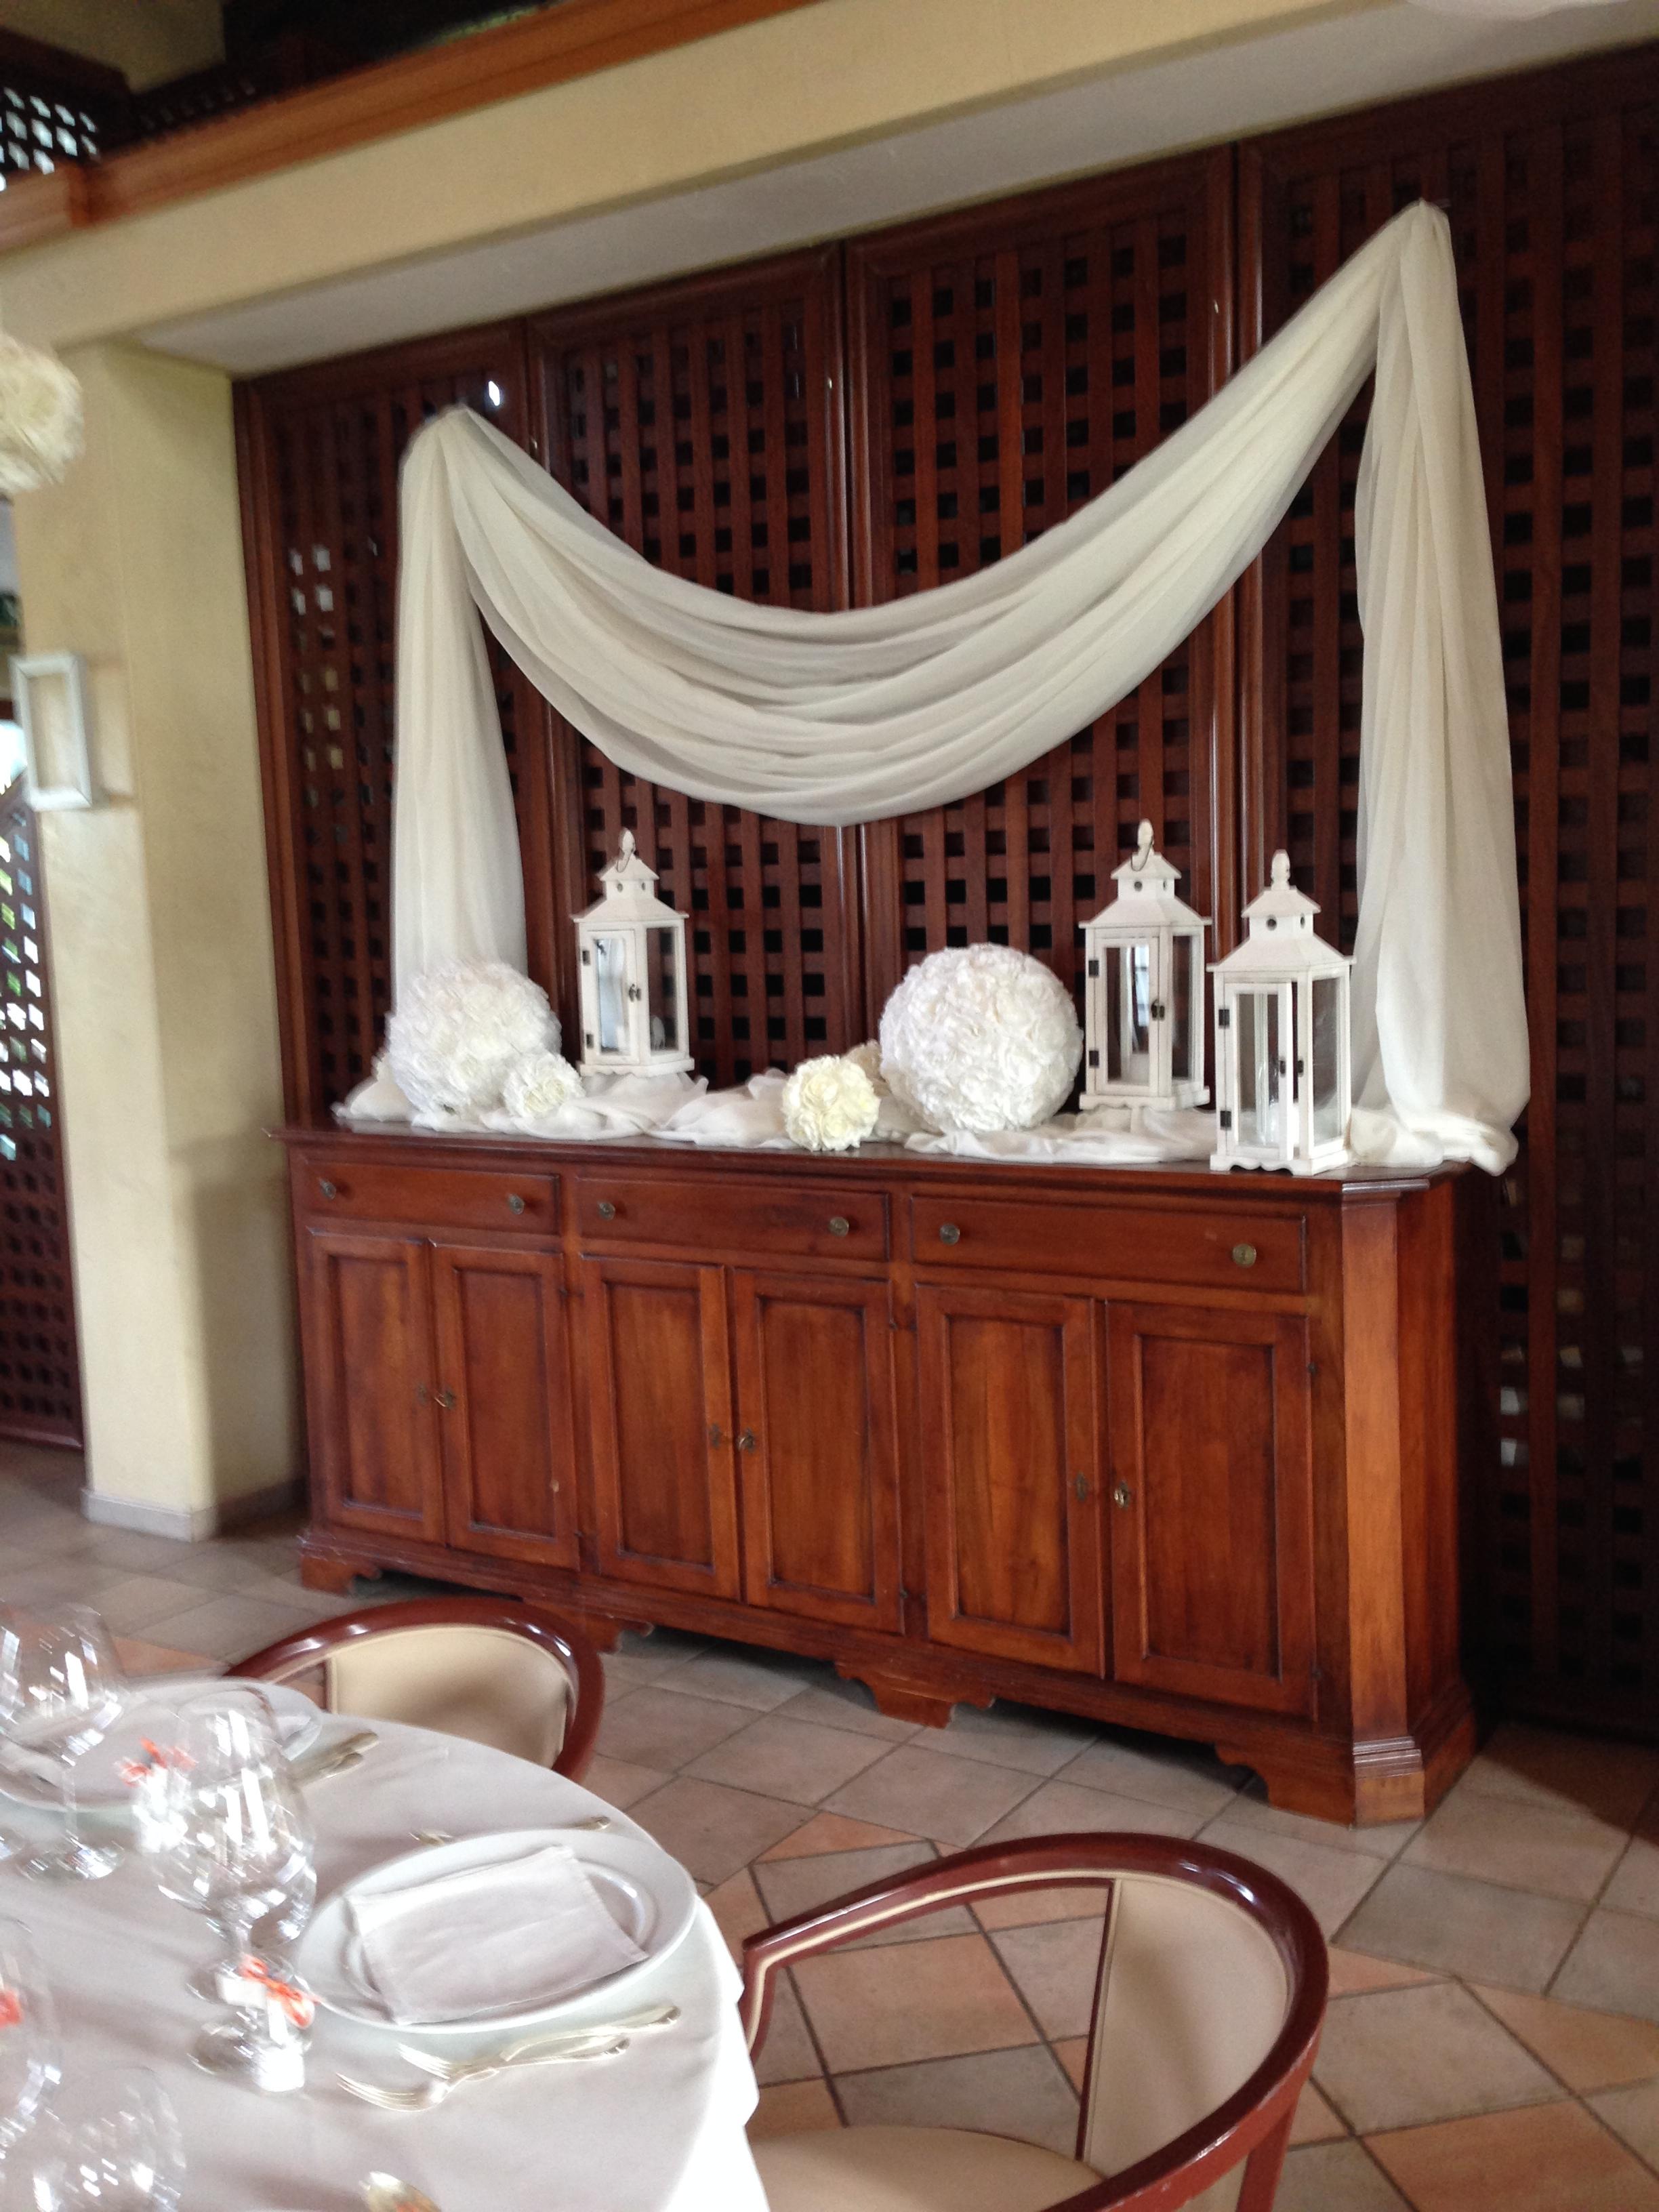 Idee per un matrimonio invernale consigli e spunti per gli sposi - Addobbo tavolo casa sposa ...